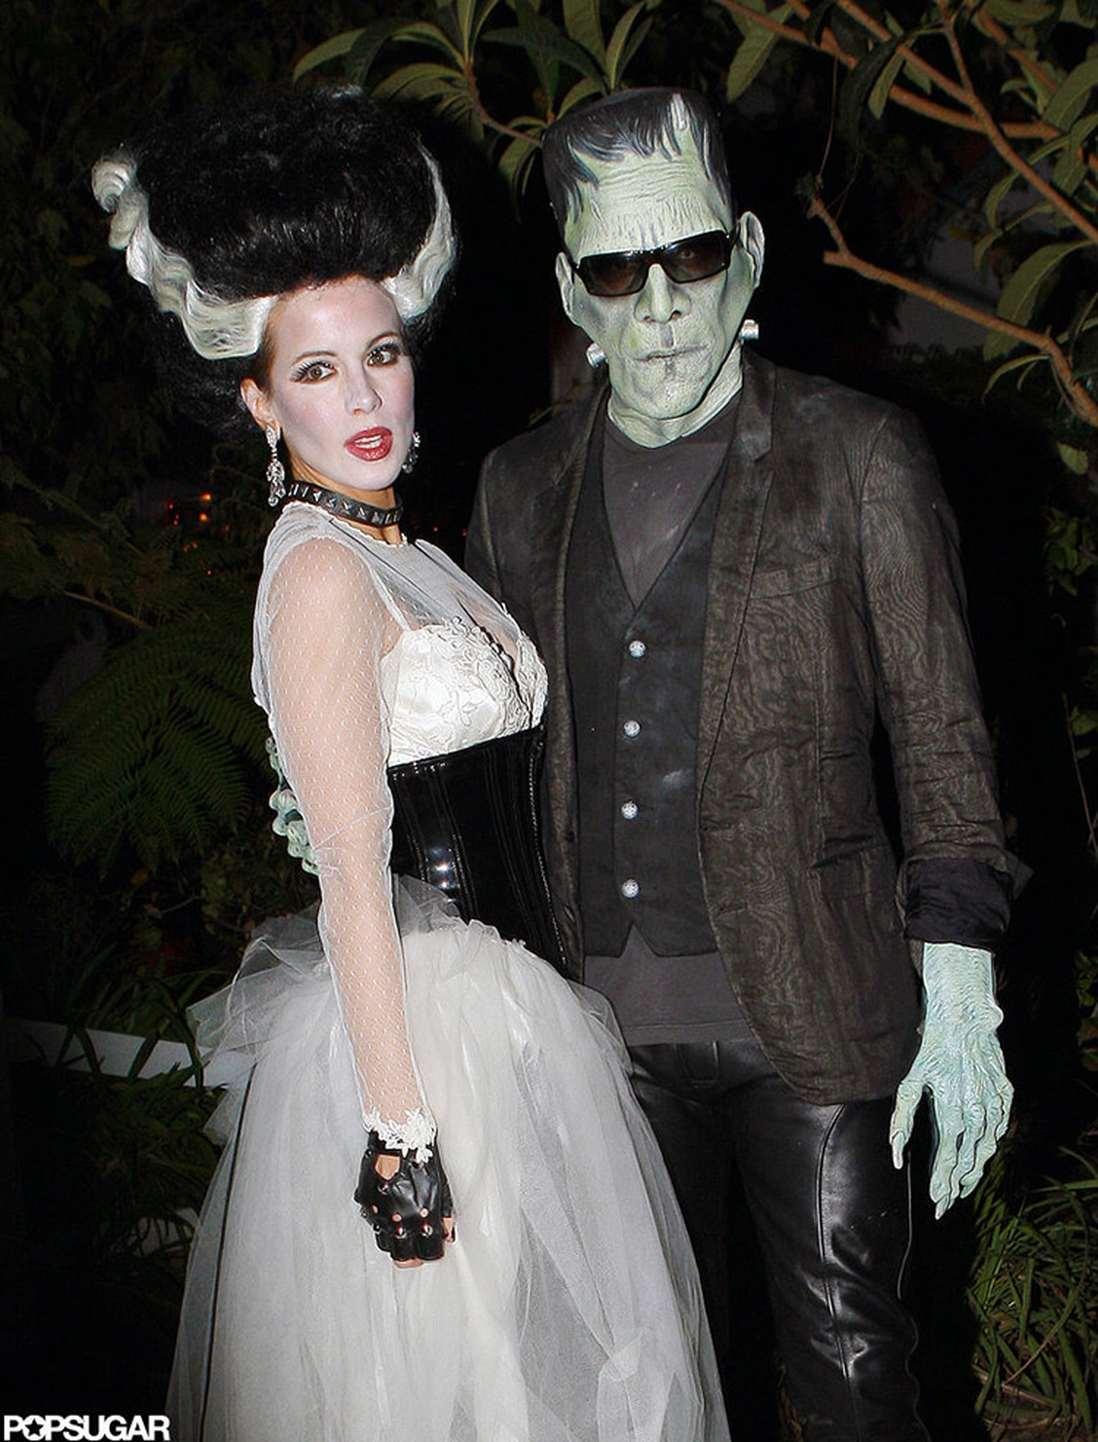 каждого самые лучшие костюмы на хэллоуин фото намекает